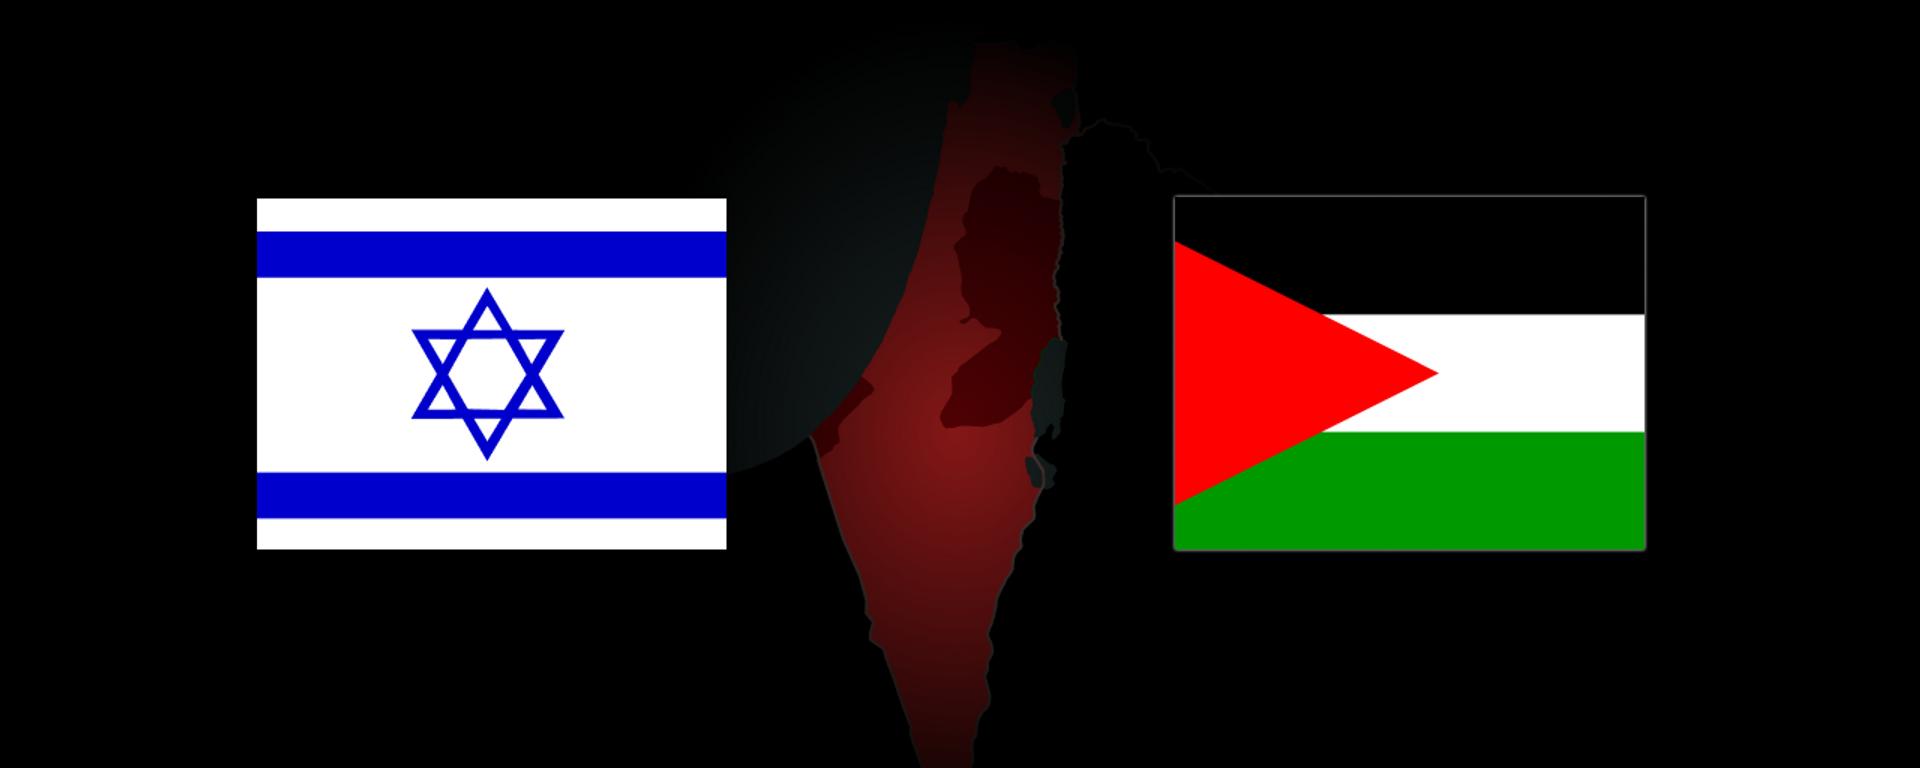 Risultati dell'escalation del conflitto tra Israele e Palestina - Sputnik Italia, 1920, 21.05.2021